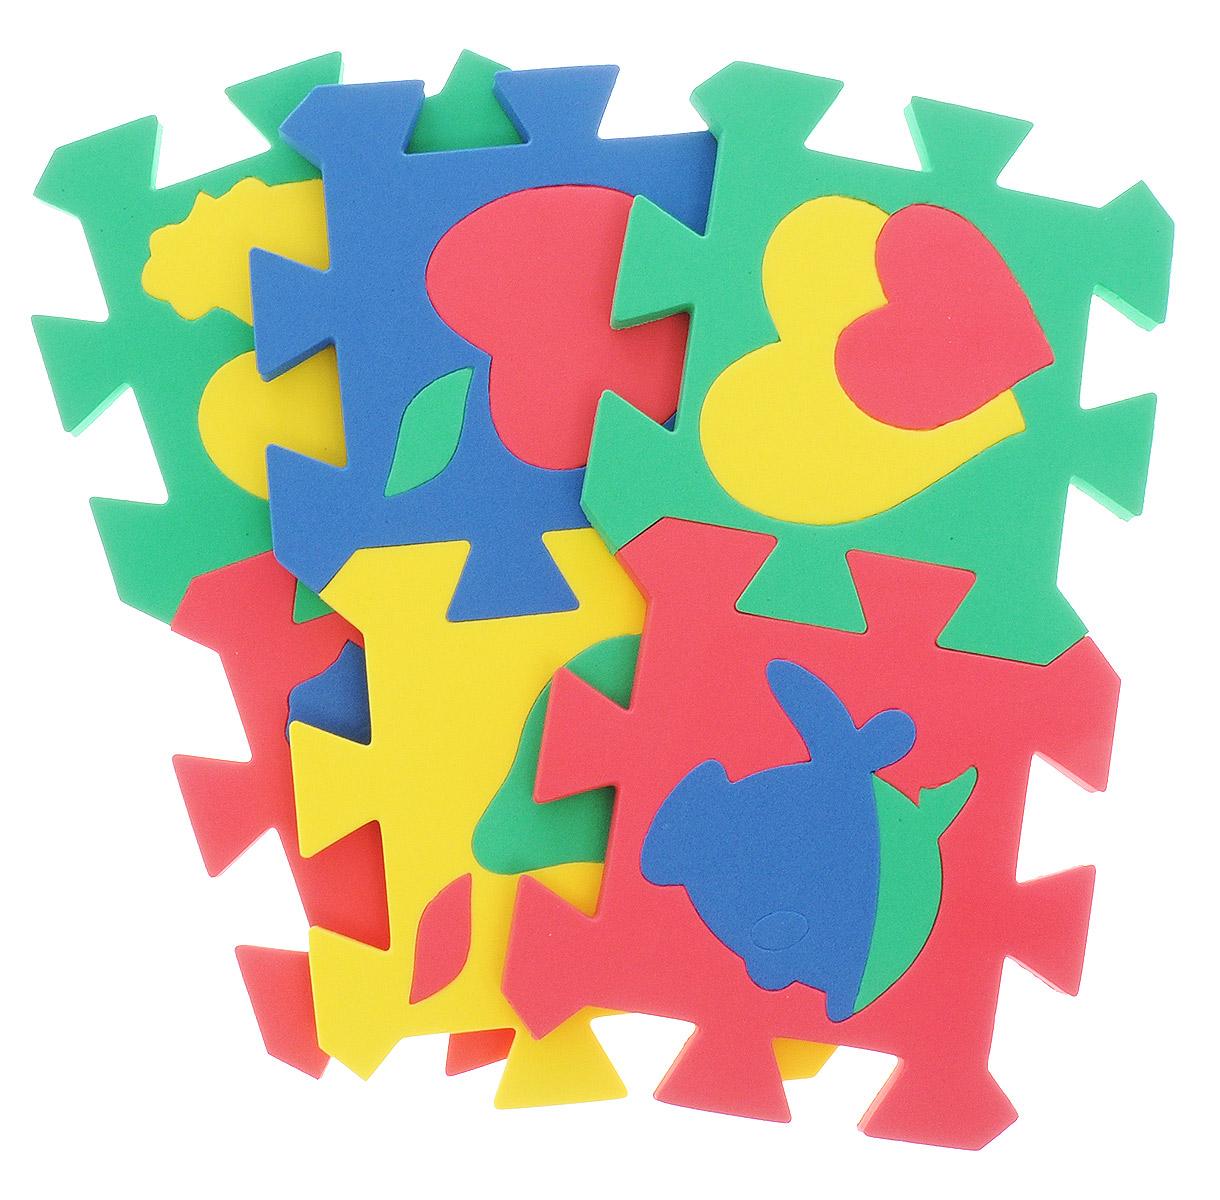 """Пазл для малышей Бомик """"Коврик. Мозаика"""" - увлекательная игра и практическое занятие для развития ребенка. Пазл выполнен из мягкого полимера, поэтому детали легко гнутся и не ломаются, их всегда можно состыковать. Пазл представляет собой 6 ковриков, каждый размером 14 см на 14 см с силуэтами-вкладышами в виде различных фигур. Пазл развивает у ребенка память, воображение, моторику, пространственное и логическое мышление."""